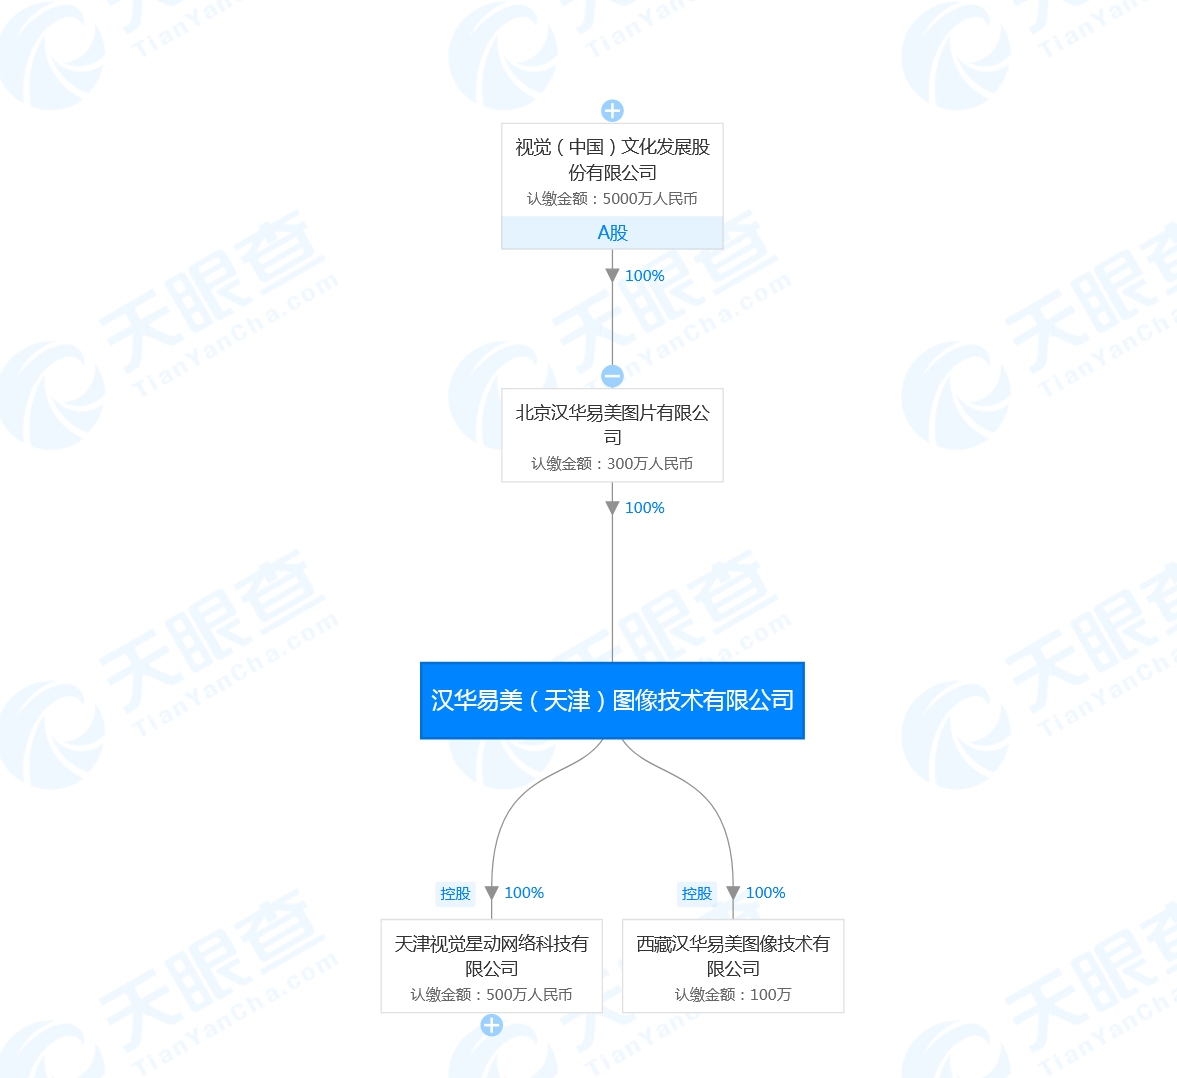 视觉中国版权门后再陷风波 被判侵权赔偿原告21万